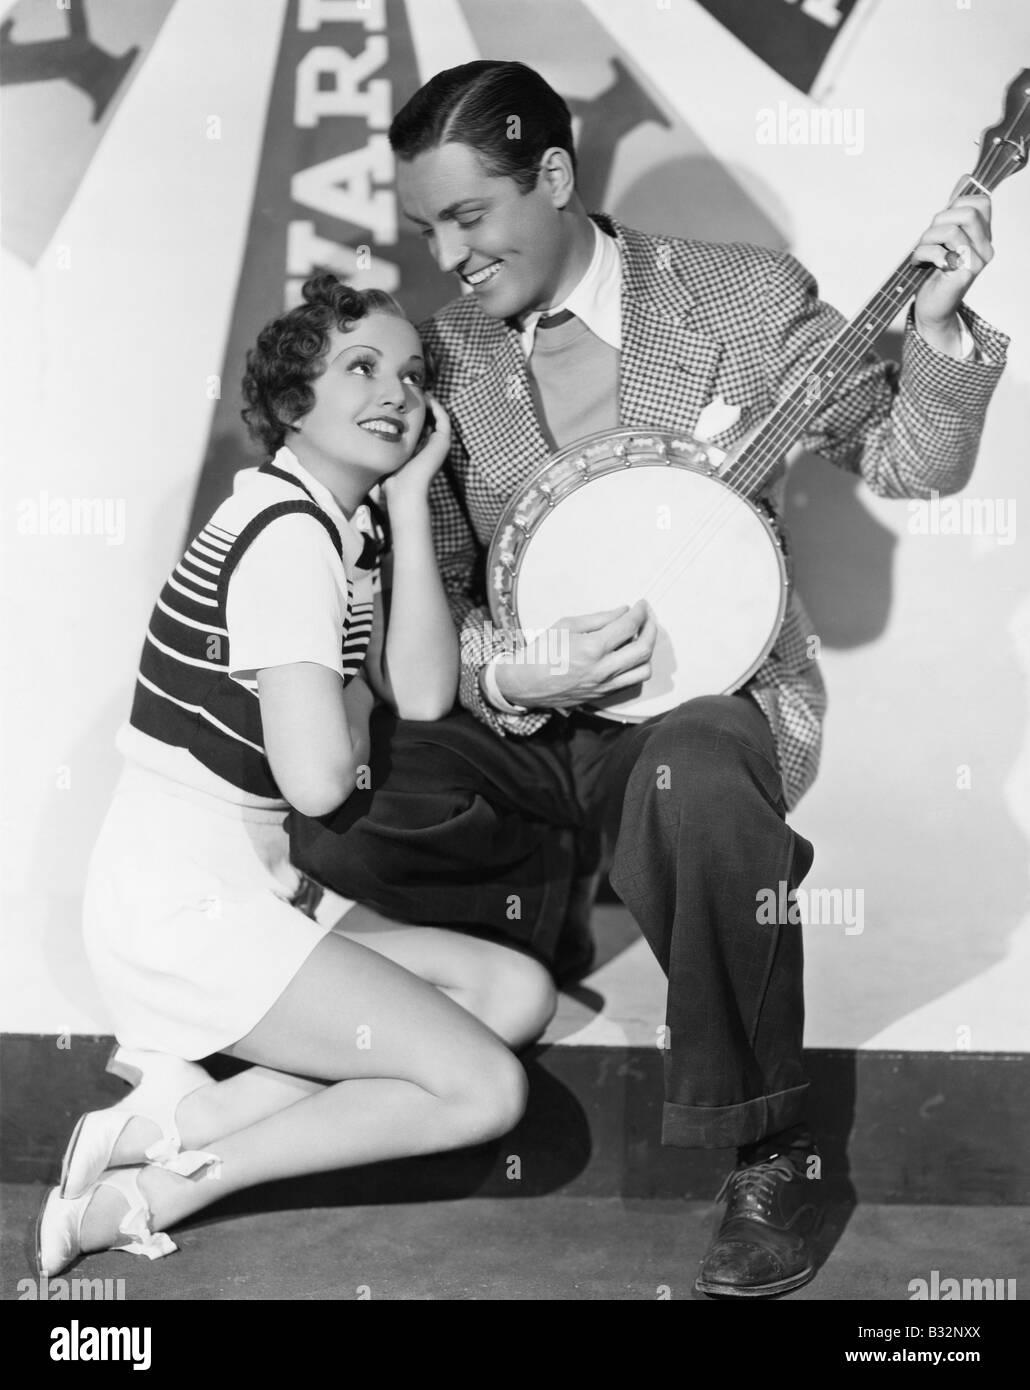 Man playing banjo for adoring woman - Stock Image